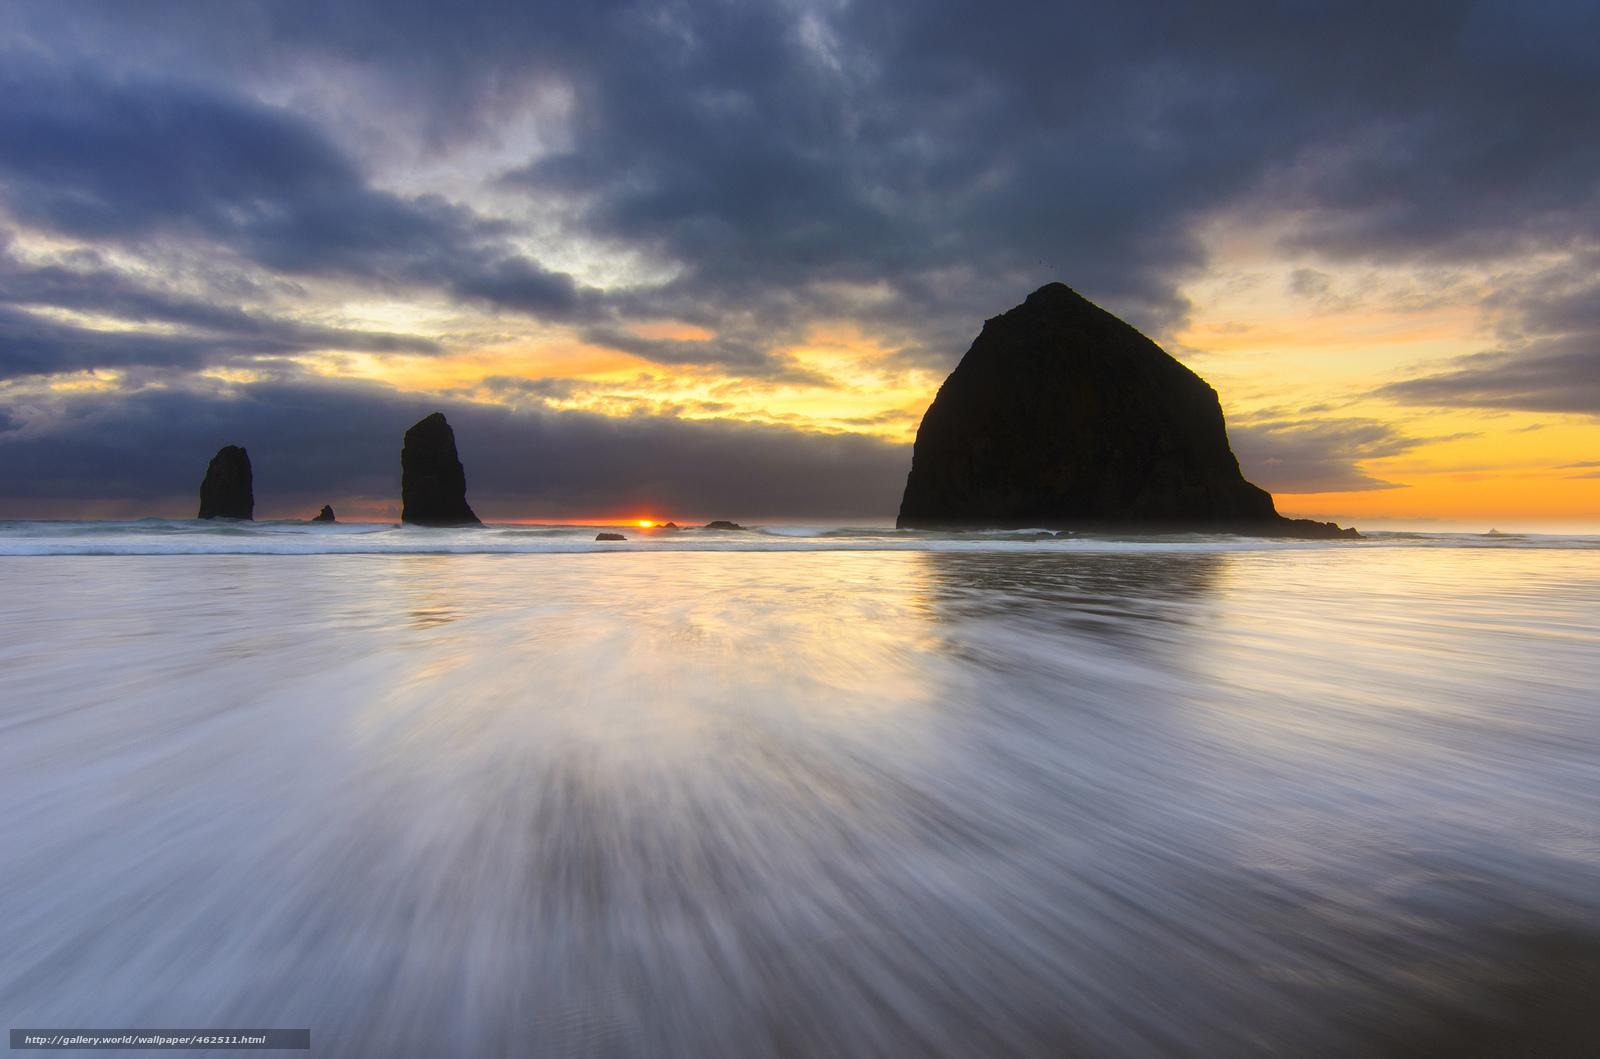 Скачать обои США,  Орегон,  океан,  пляж бесплатно для рабочего стола в разрешении 2048x1356 — картинка №462511